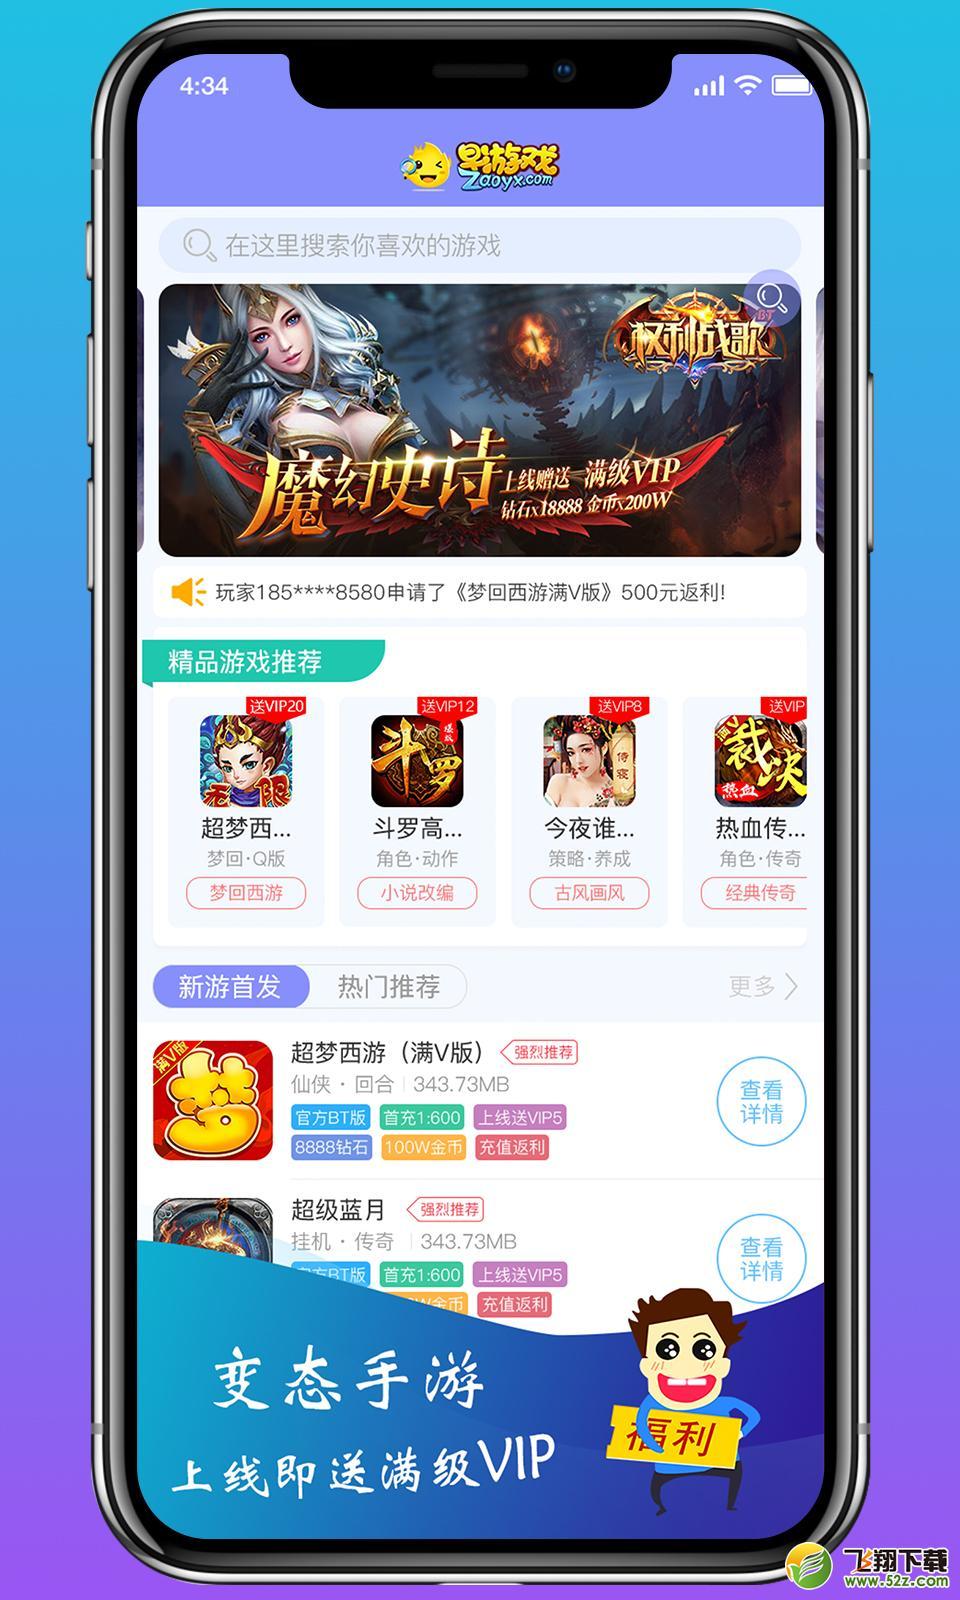 早游戏BT盒子V1.77.1 苹果版_52z.com